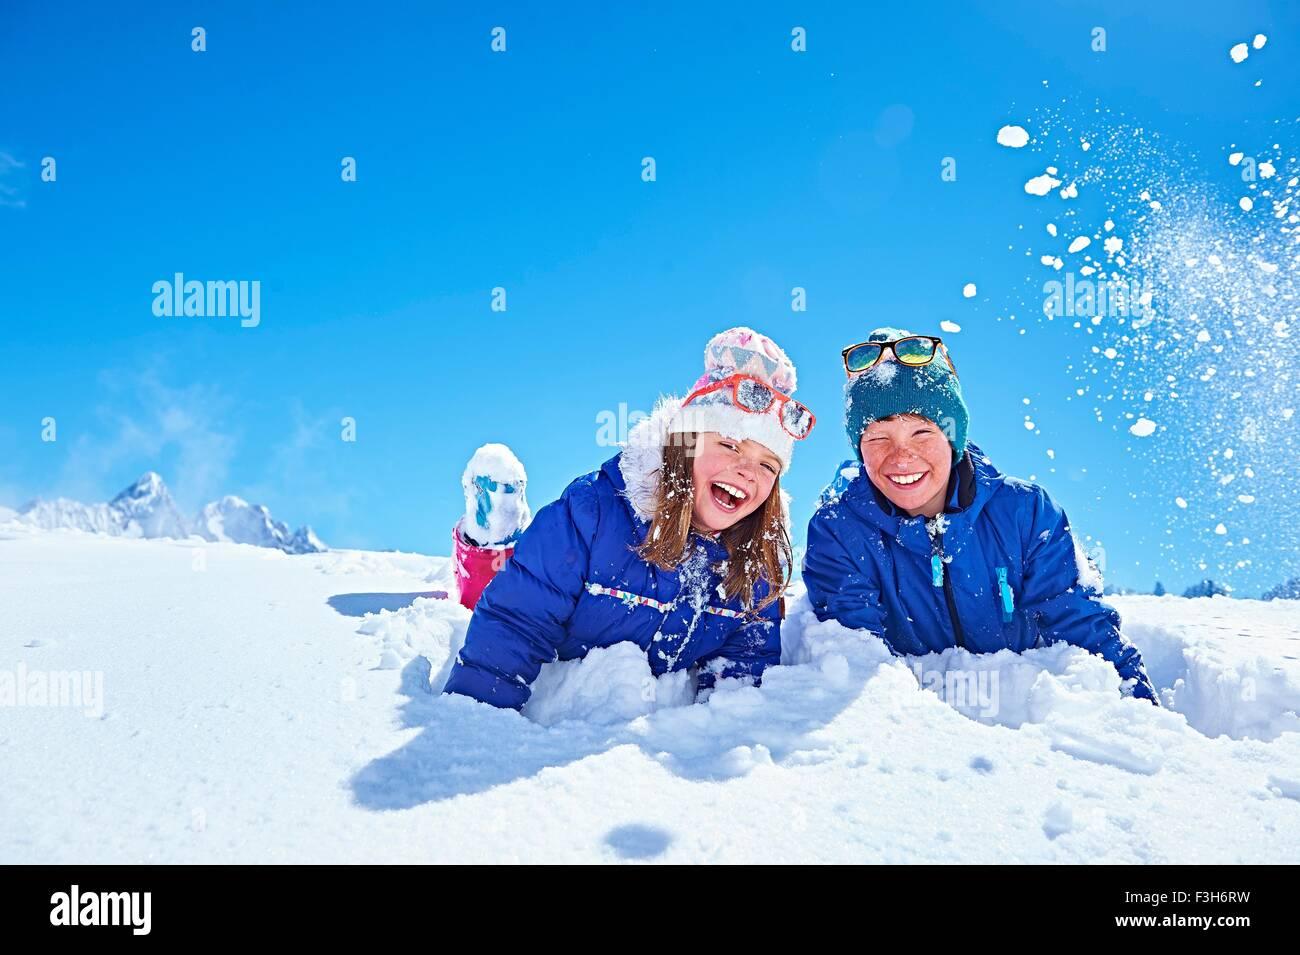 Frères et sœurs jouent dans la neige, Chamonix, France Photo Stock